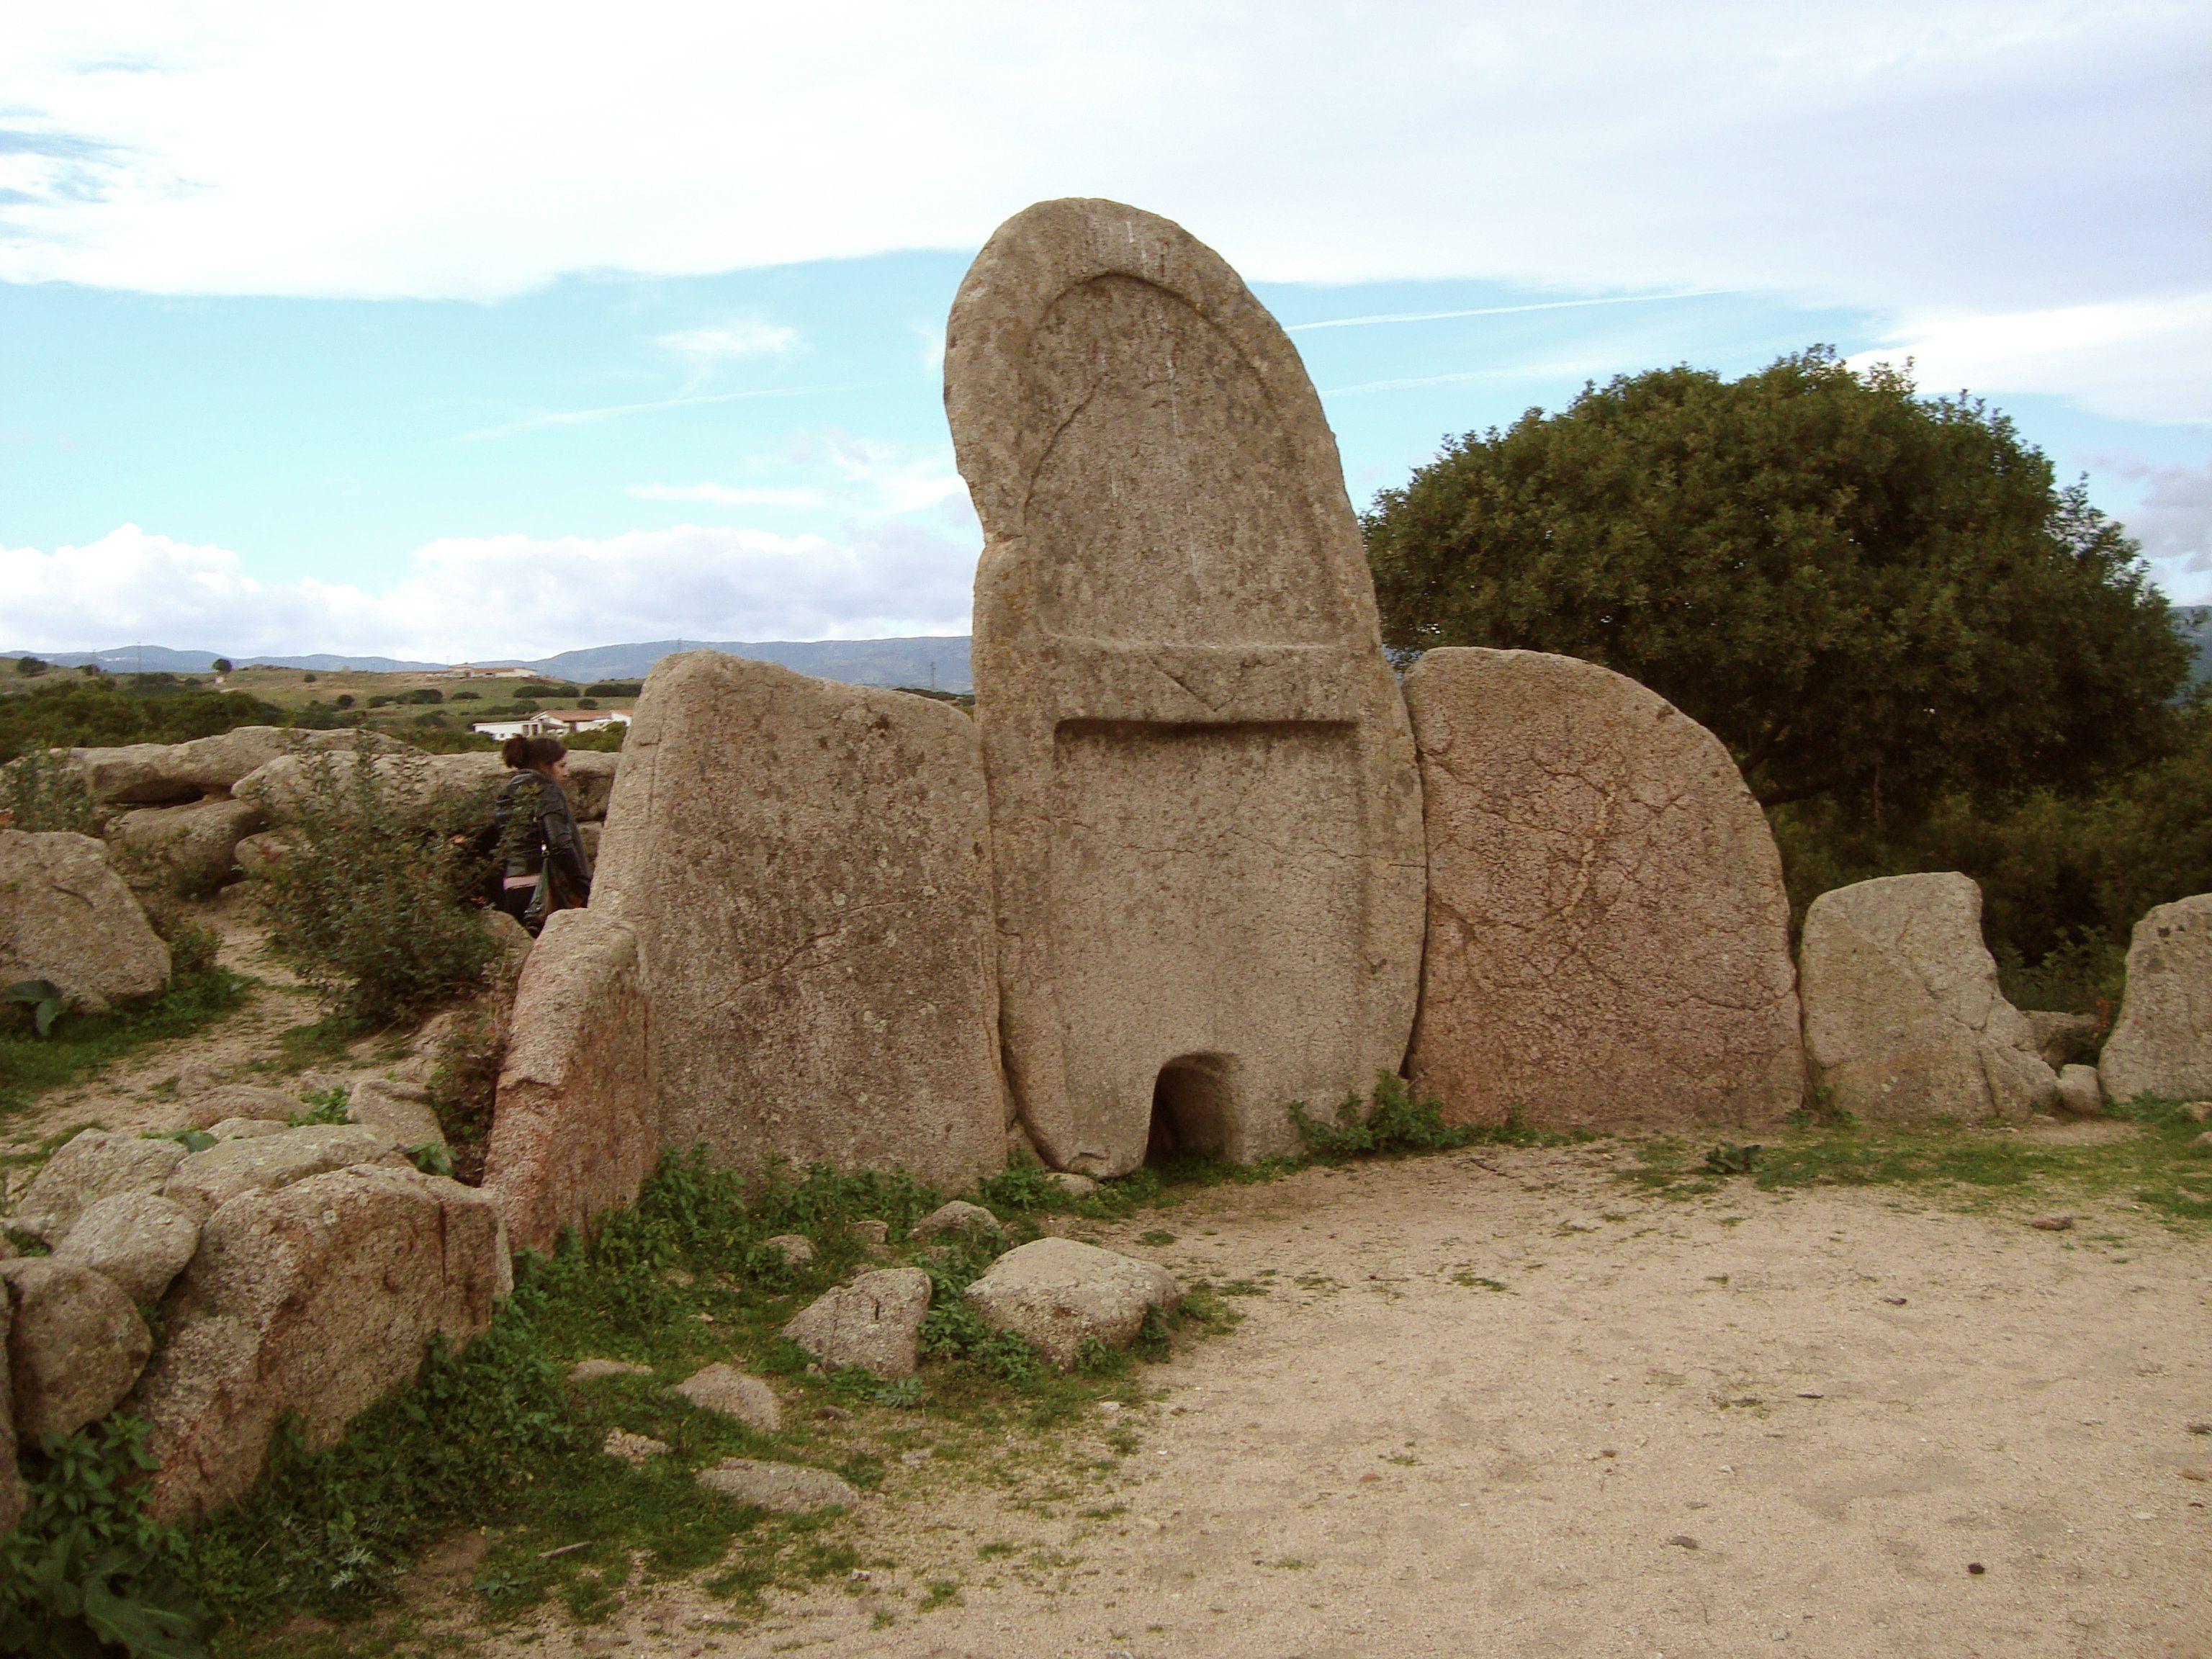 Sardegna tomba dei giganti